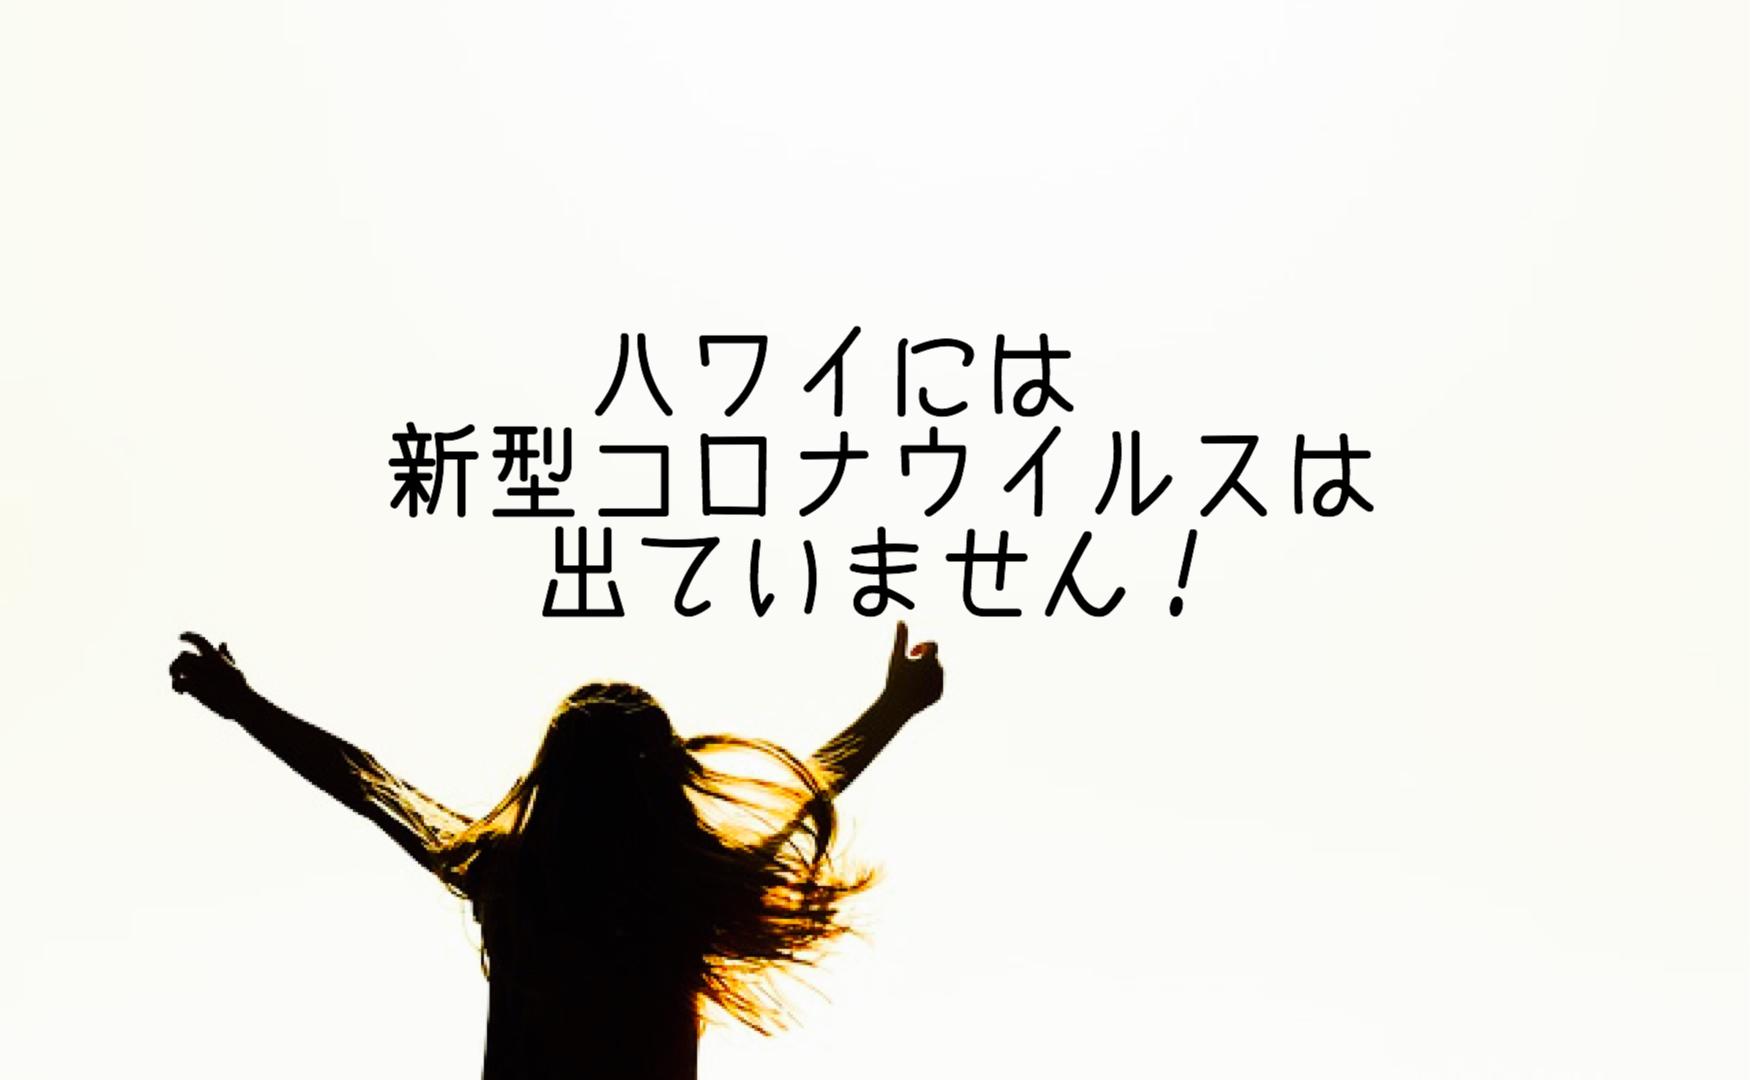 ハワイ 名古屋 コロナ